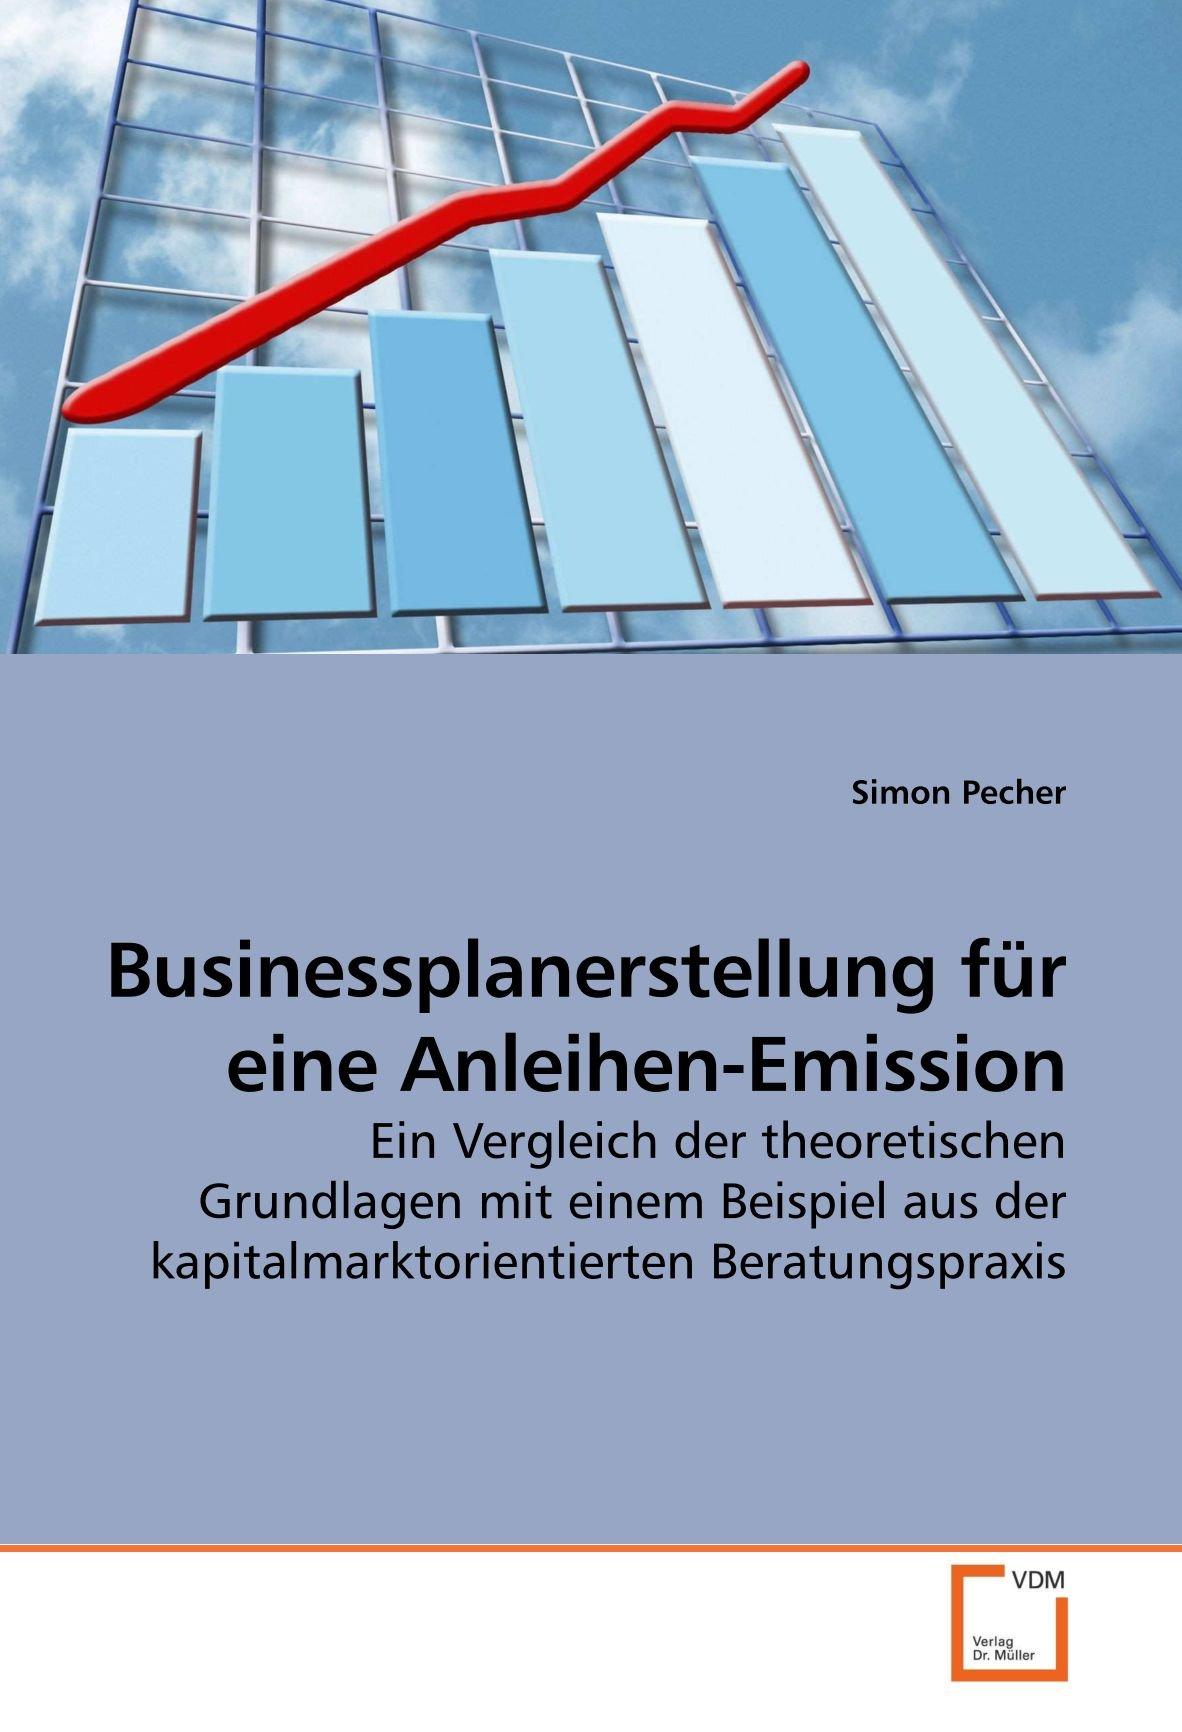 businessplanerstellung-fr-eine-anleihen-emission-ein-vergleich-der-theoretischen-grundlagen-mit-einem-beispiel-aus-der-kapitalmarktorientierten-beratungspraxis